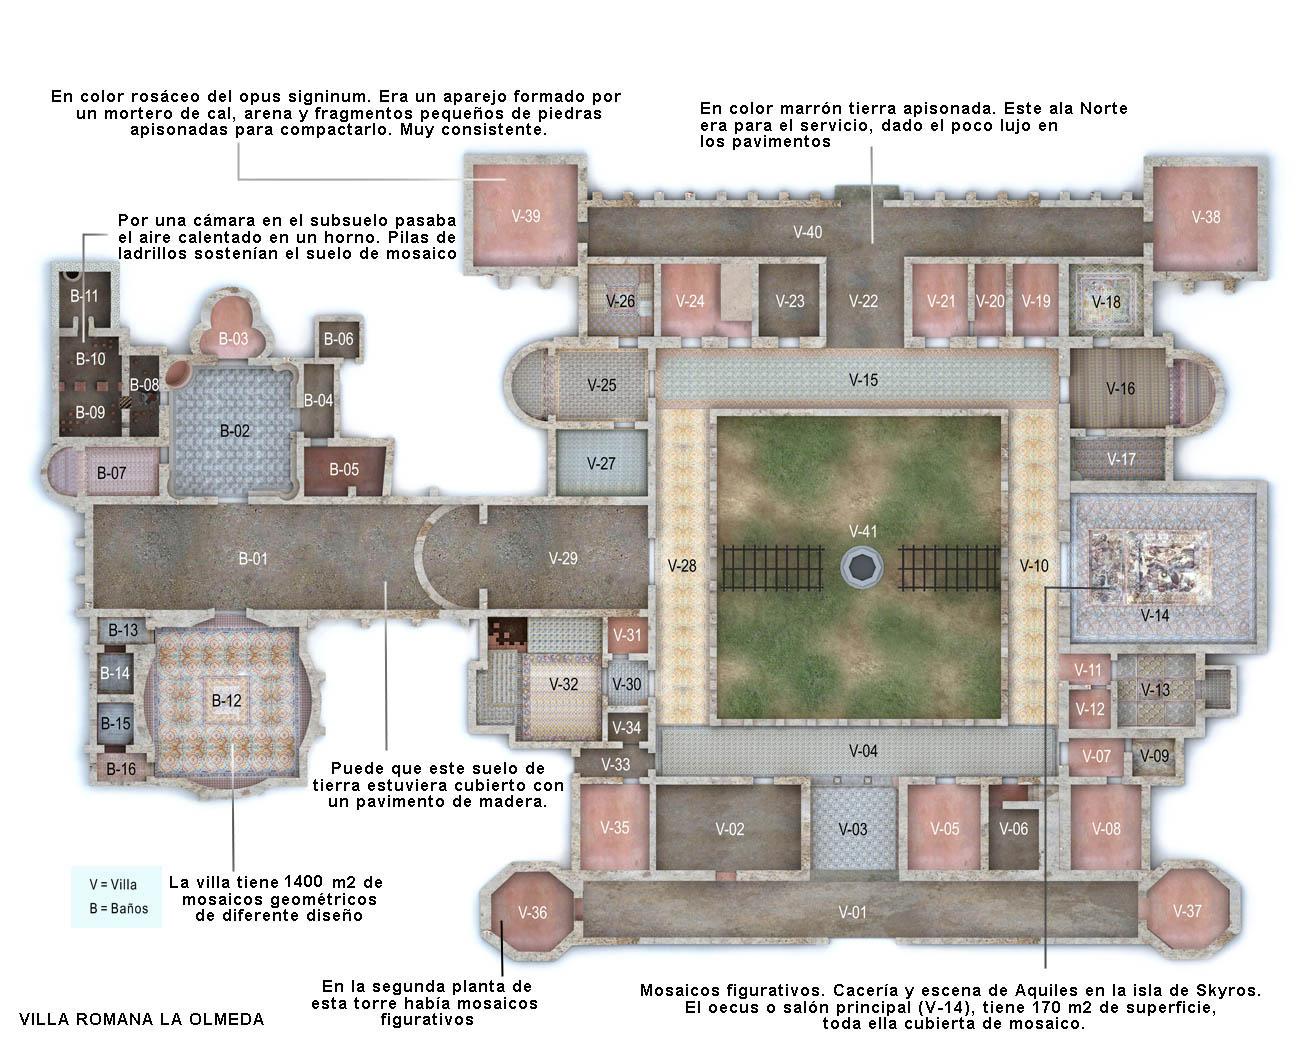 plano-de-la-olmeda-numerado-correcto-fb-jpg1